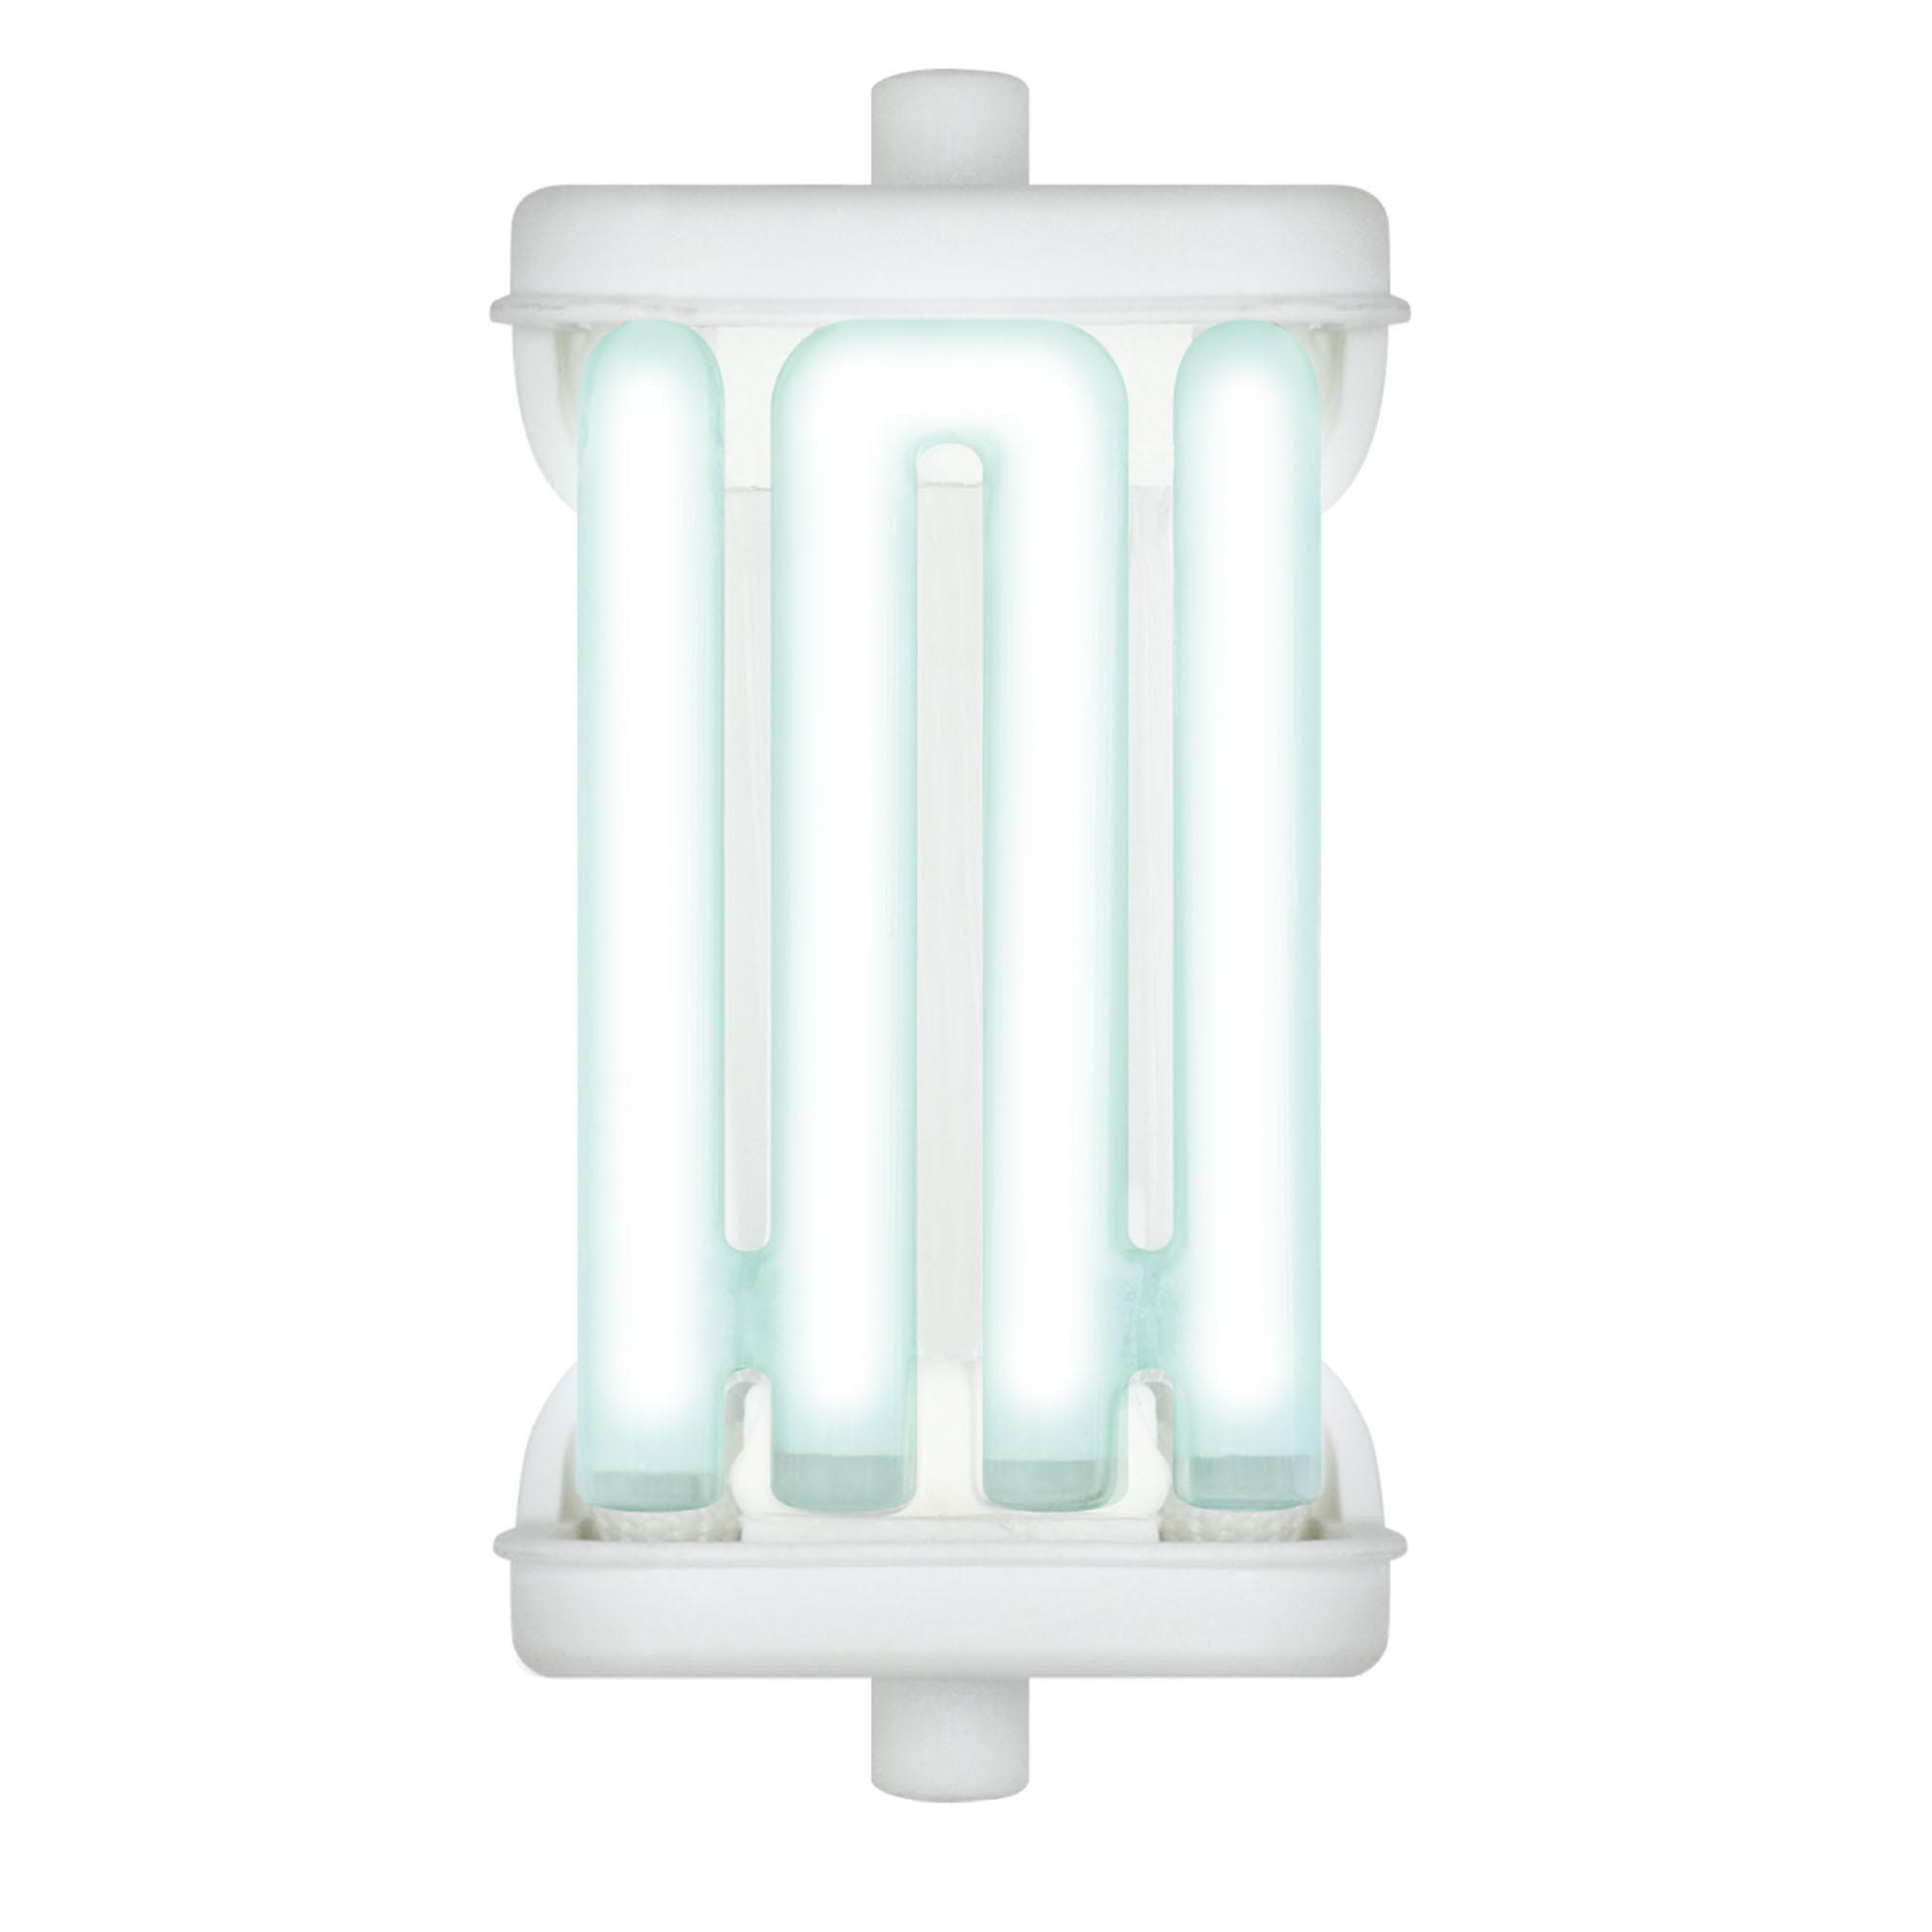 Лампа энергосберегающая Uniel Esl-322-10/2700/r7s 50шт